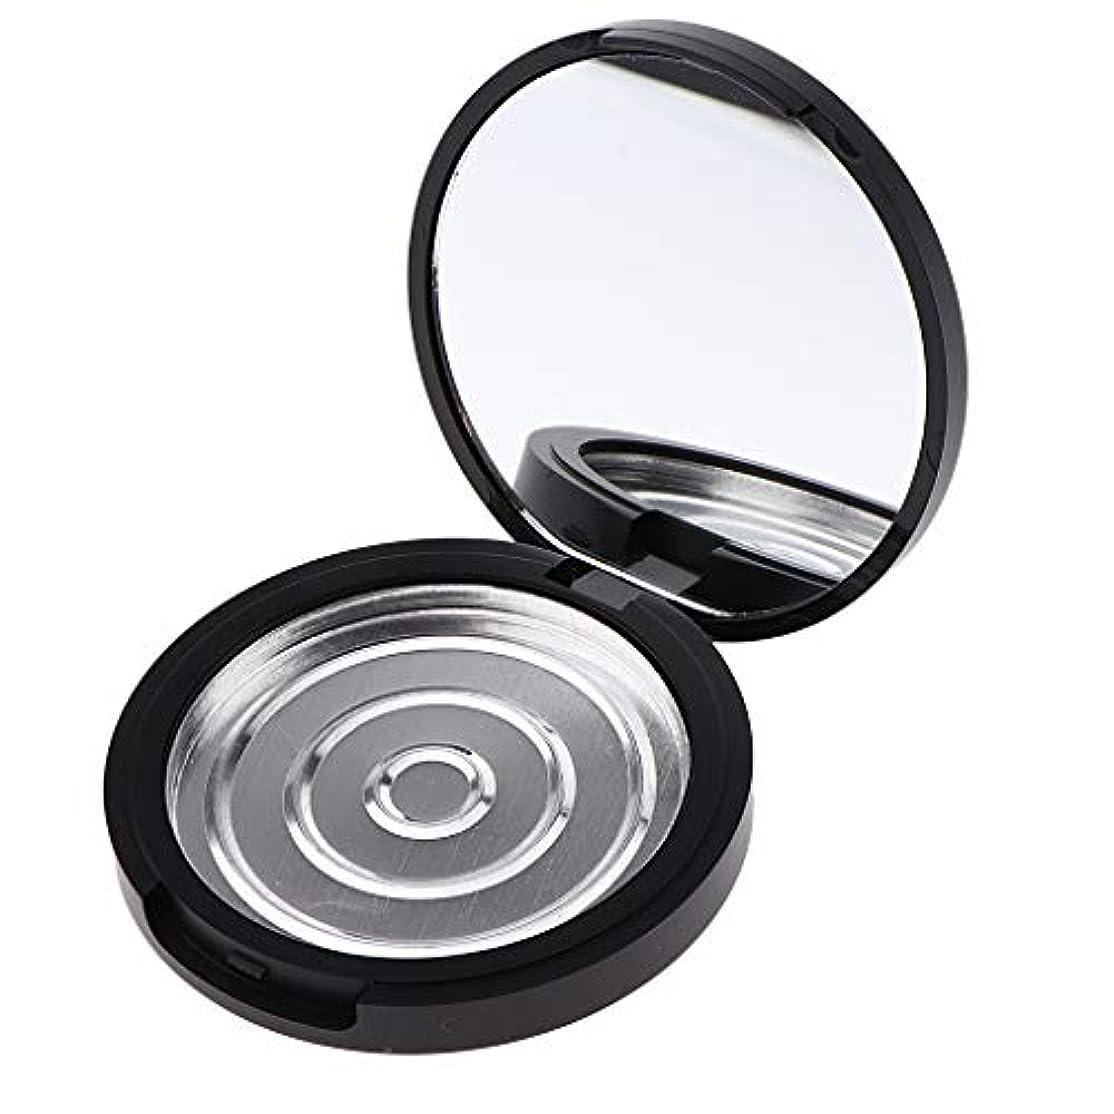 キネマティクスポテト批判するP Prettyia パウダーケース 化粧鏡付き 手作りコスメ 収納ケース 小分け容器 3サイズ選べ - 高さ17mm